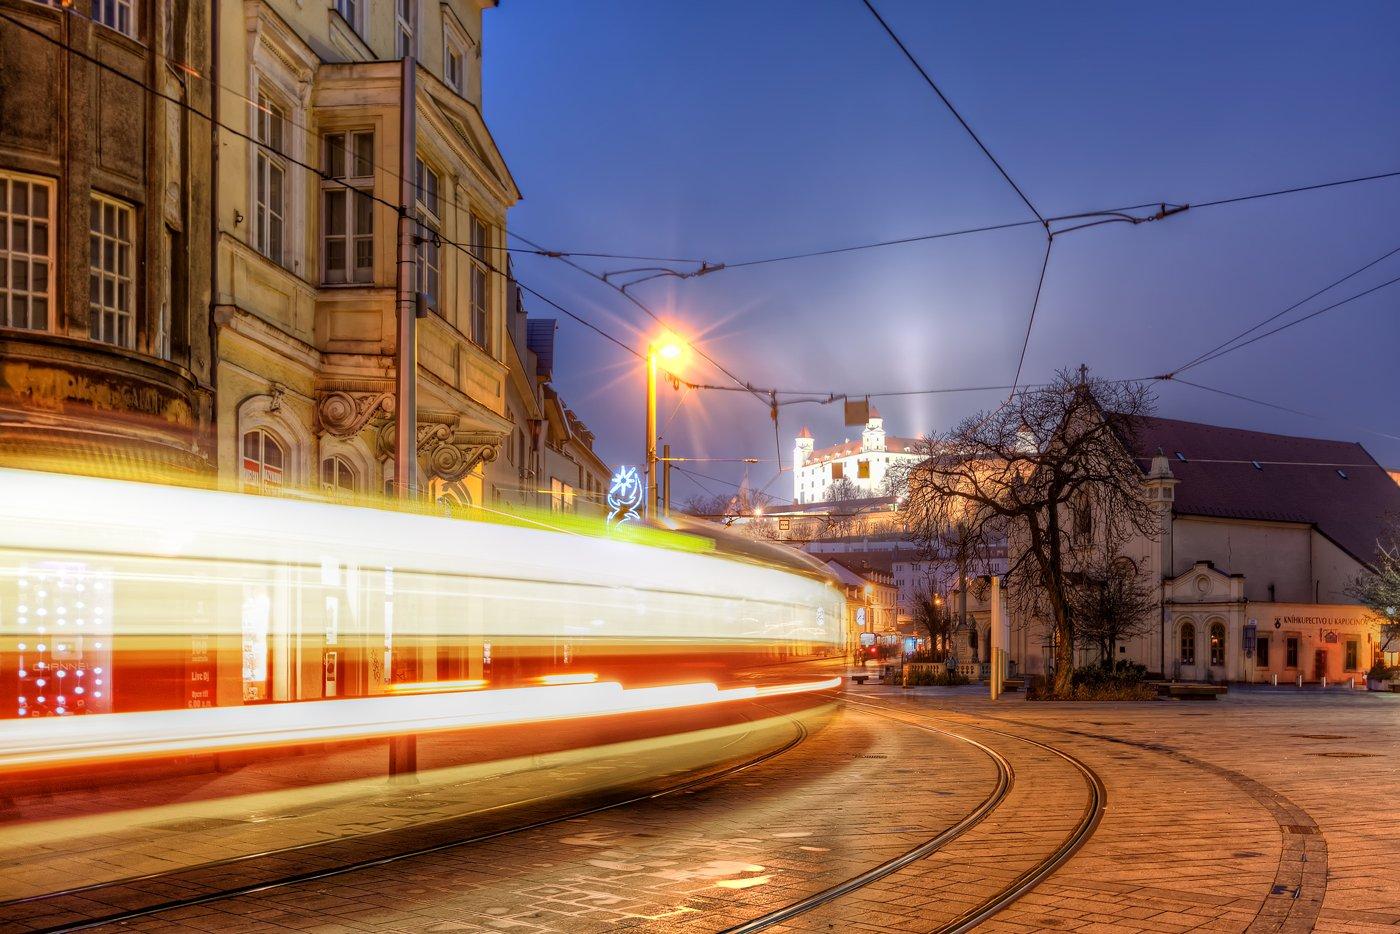 Straßenbahn am Hurbanplatz in der Altstadt Bratislavas. Im Hintergrund die Burg und Kapuzinerkirche